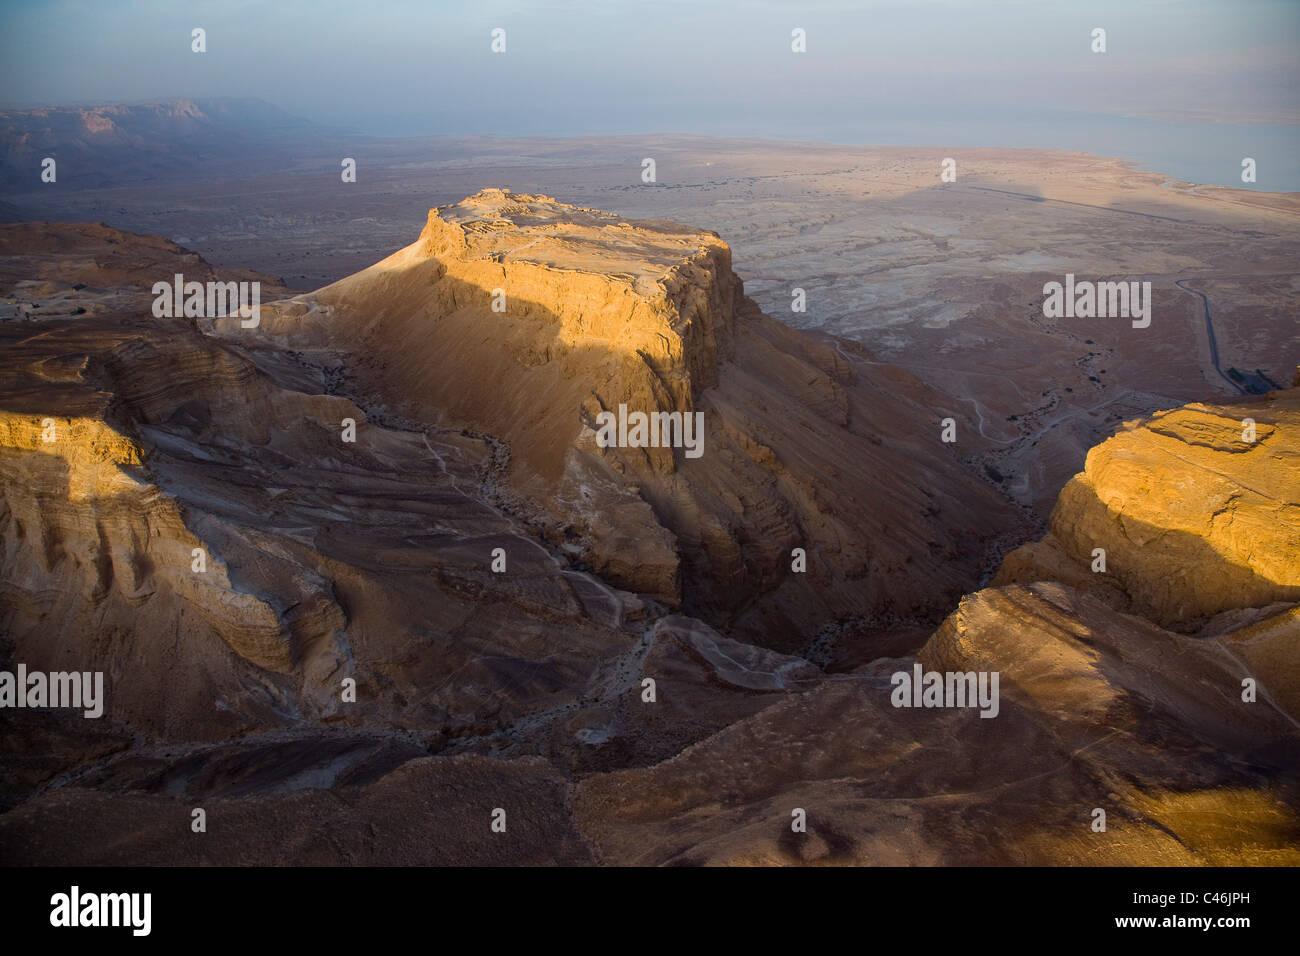 Fotografia aerea delle rovine di uno degli accampamenti romani sud a Masada dal periodo dell'assedio romano Immagini Stock